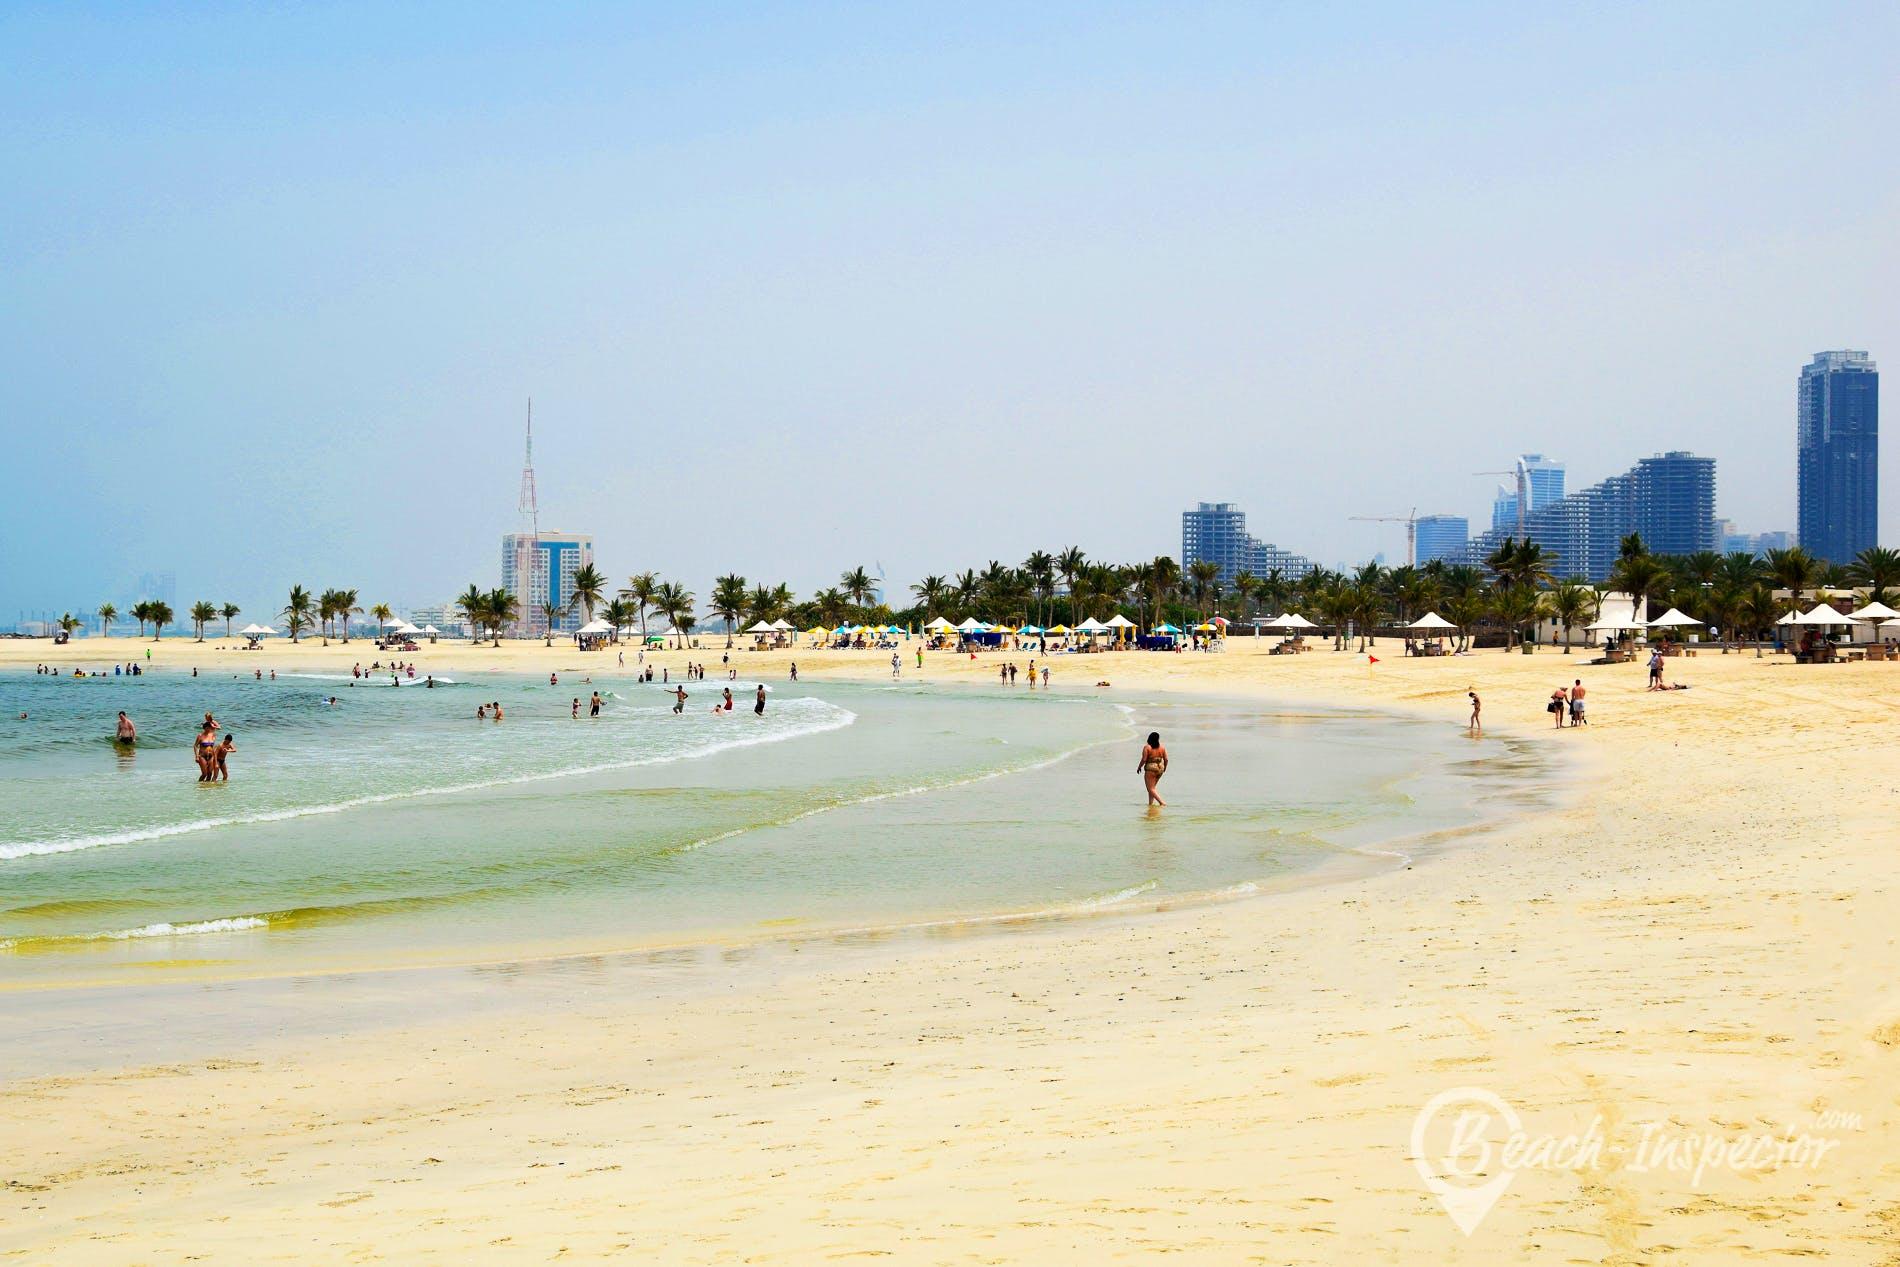 Beach Mamzar Beach Park, Dubai,